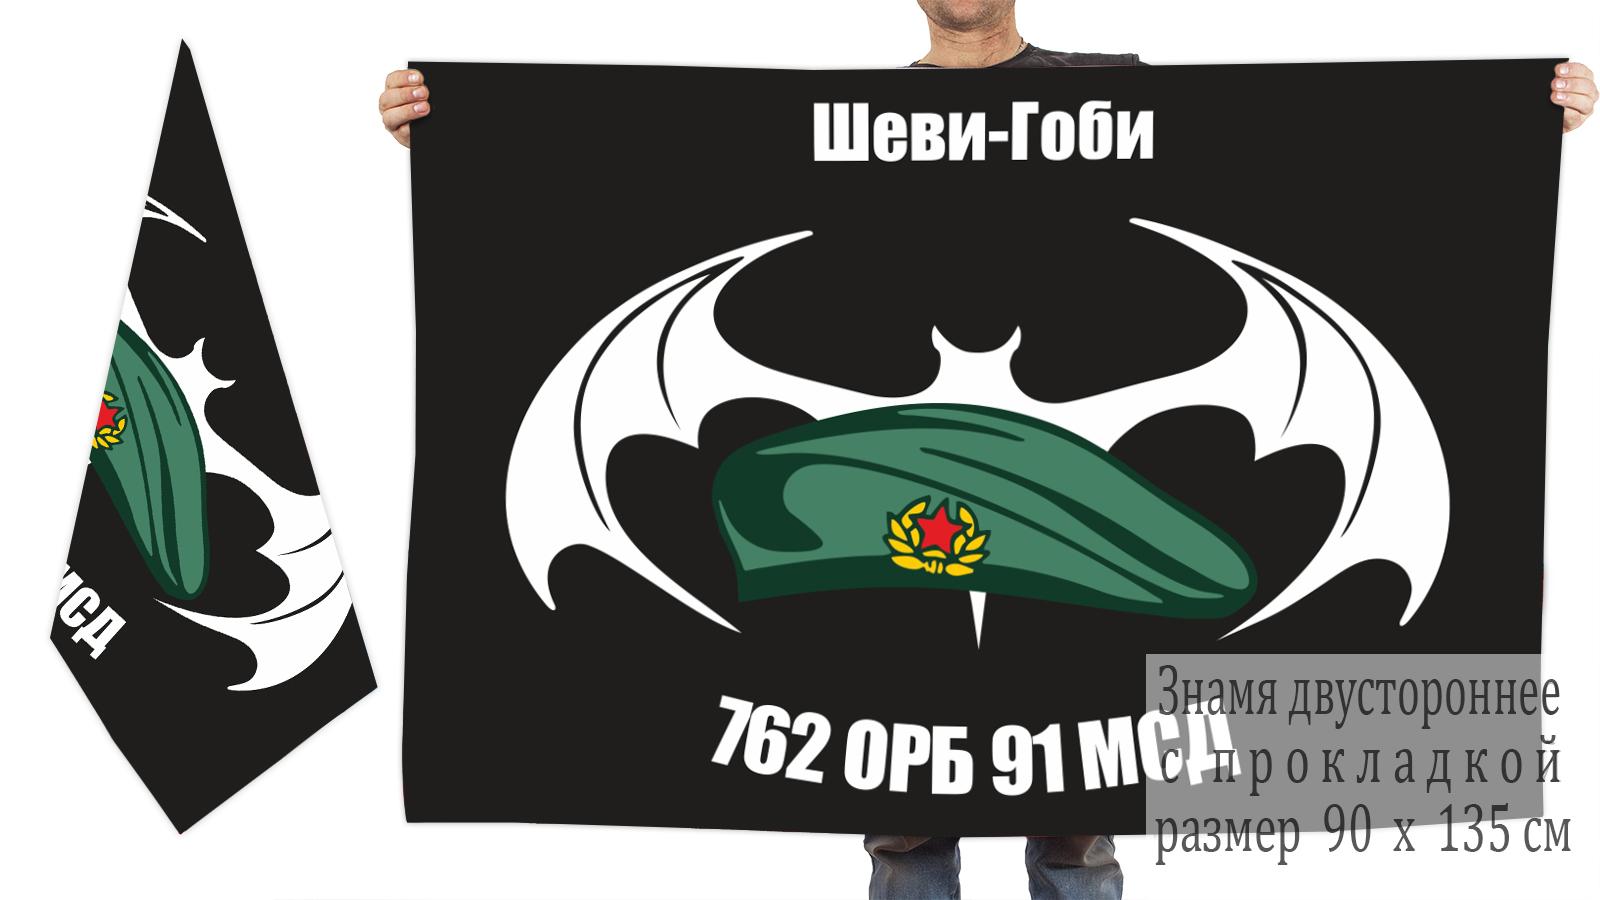 Двусторонний флаг 762 отдельного разведбата 91 МСД